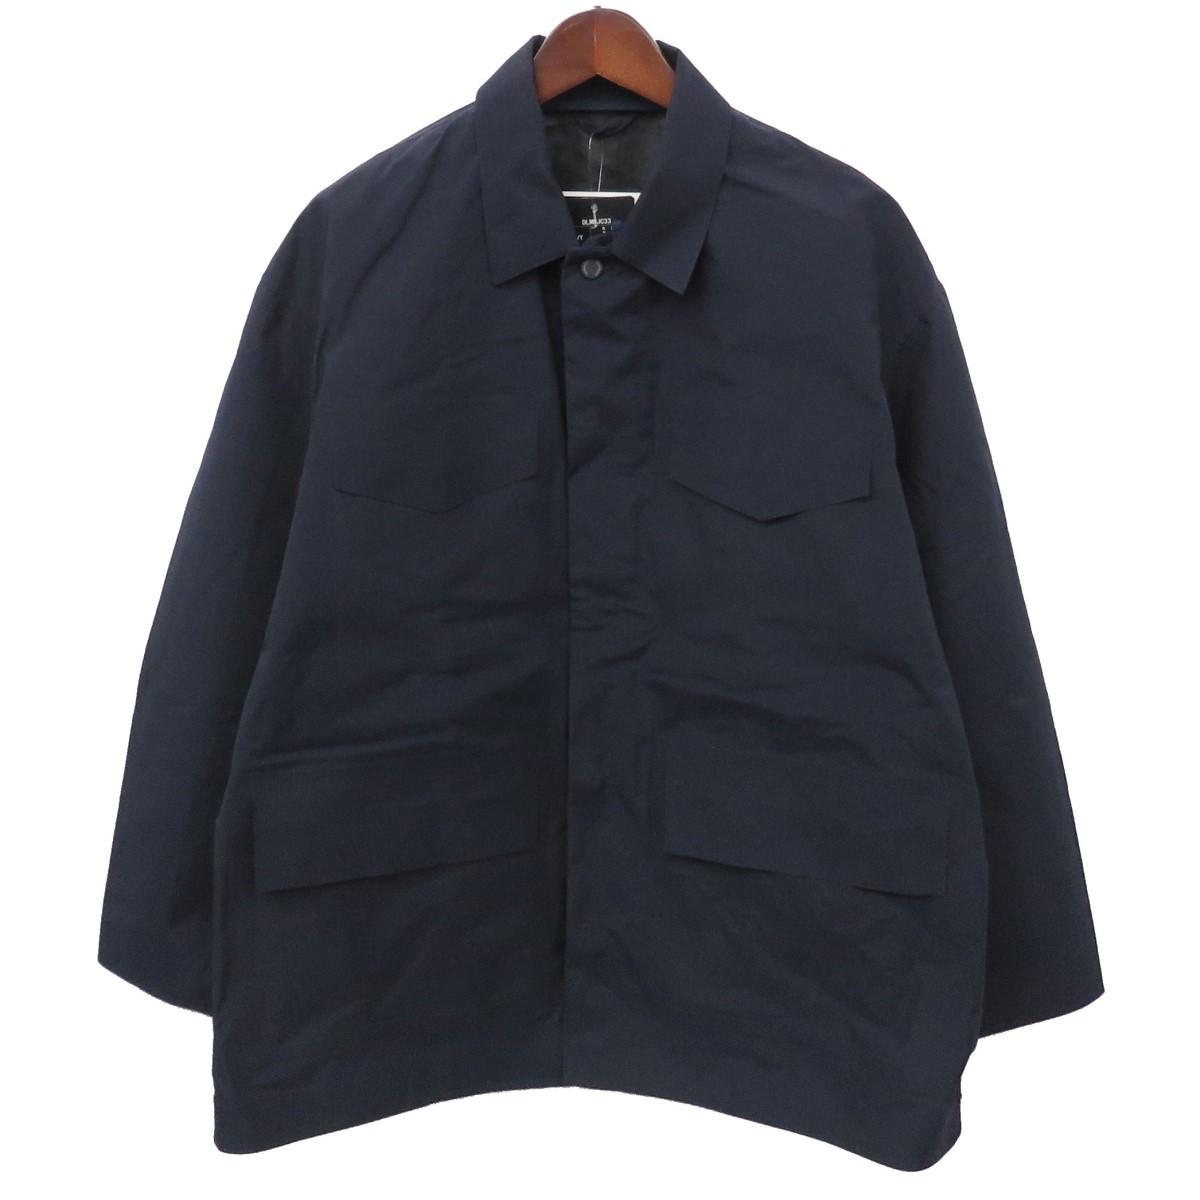 【中古】DESCENTE PAUSE M51 BIG BLOUSON DLMMJC ミリタリービッグジャケット ネイビー サイズ:S 【300120】(デサントポーズ)